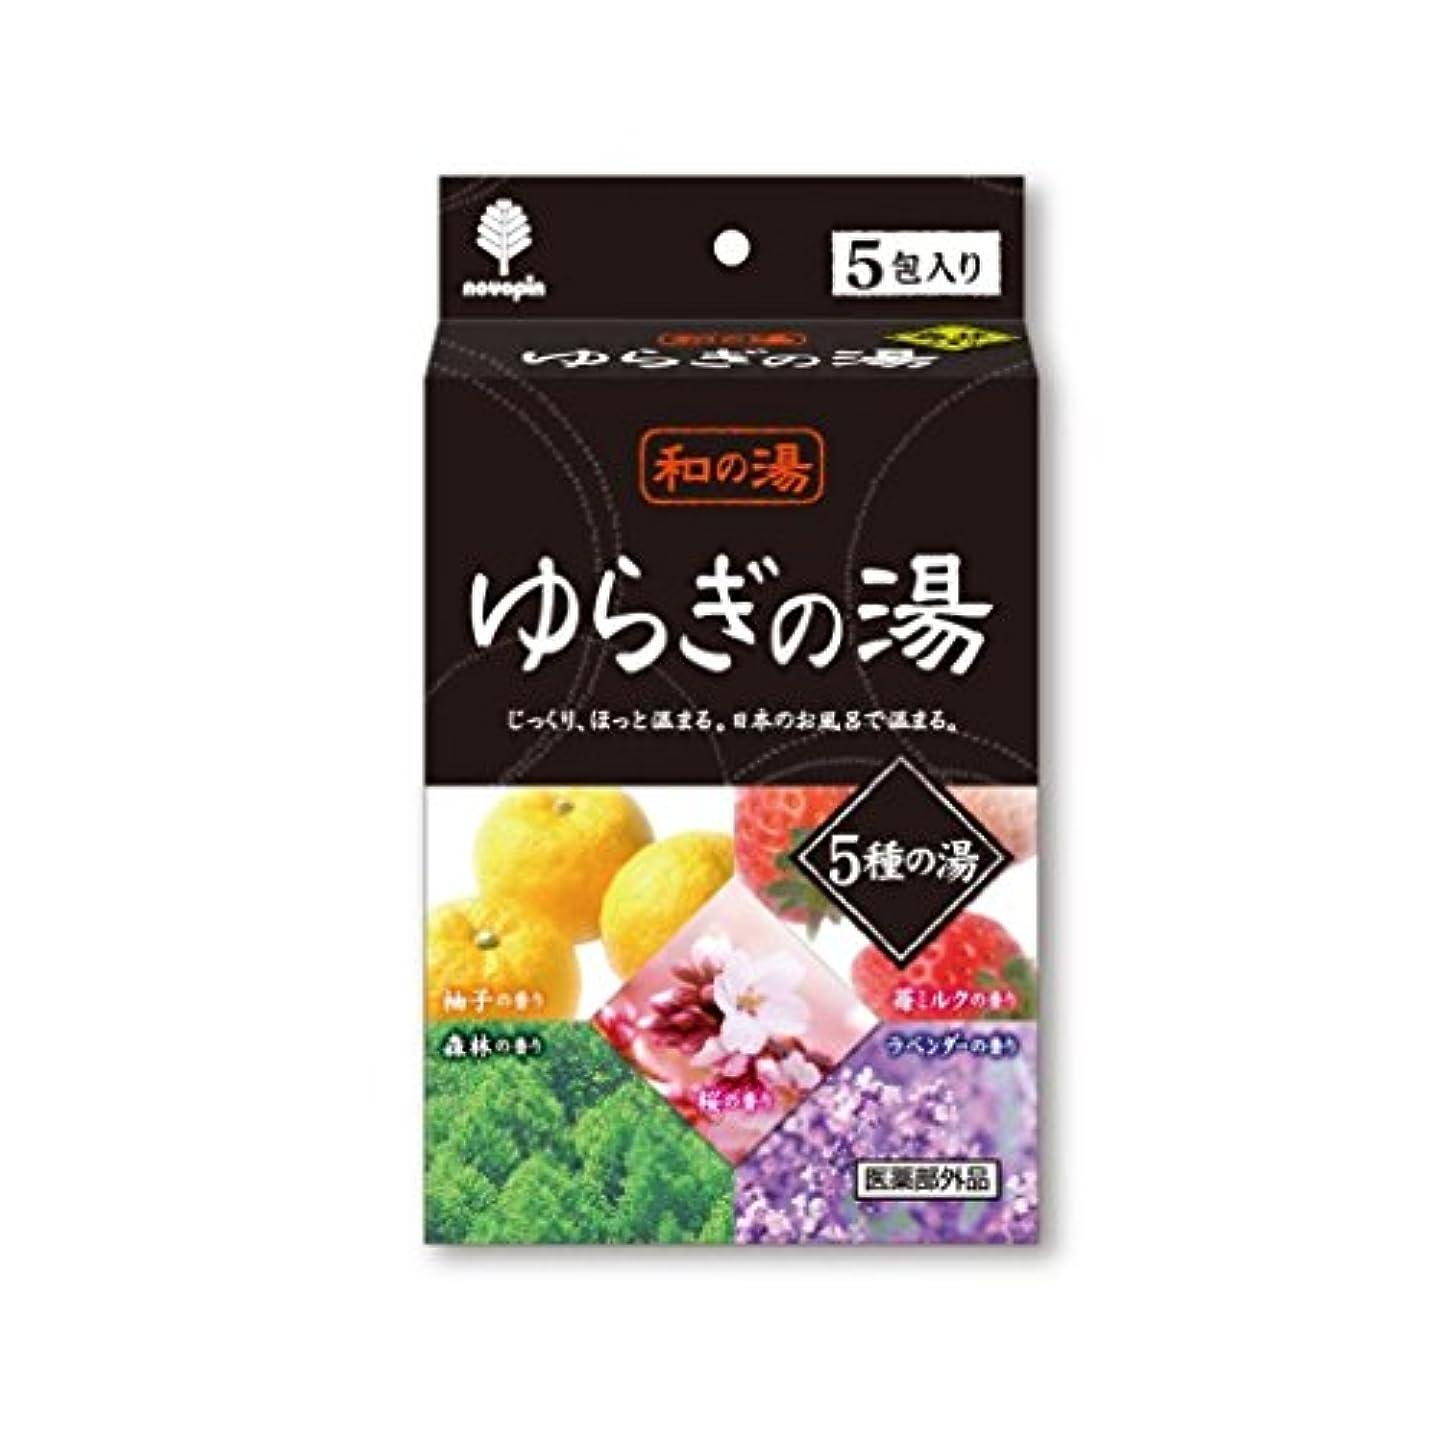 あらゆる種類の推定する実施する紀陽除虫菊 日本製 Japan 和の湯 ゆらぎの湯 5種の湯 25g×5包入 【まとめ買い10個セット】